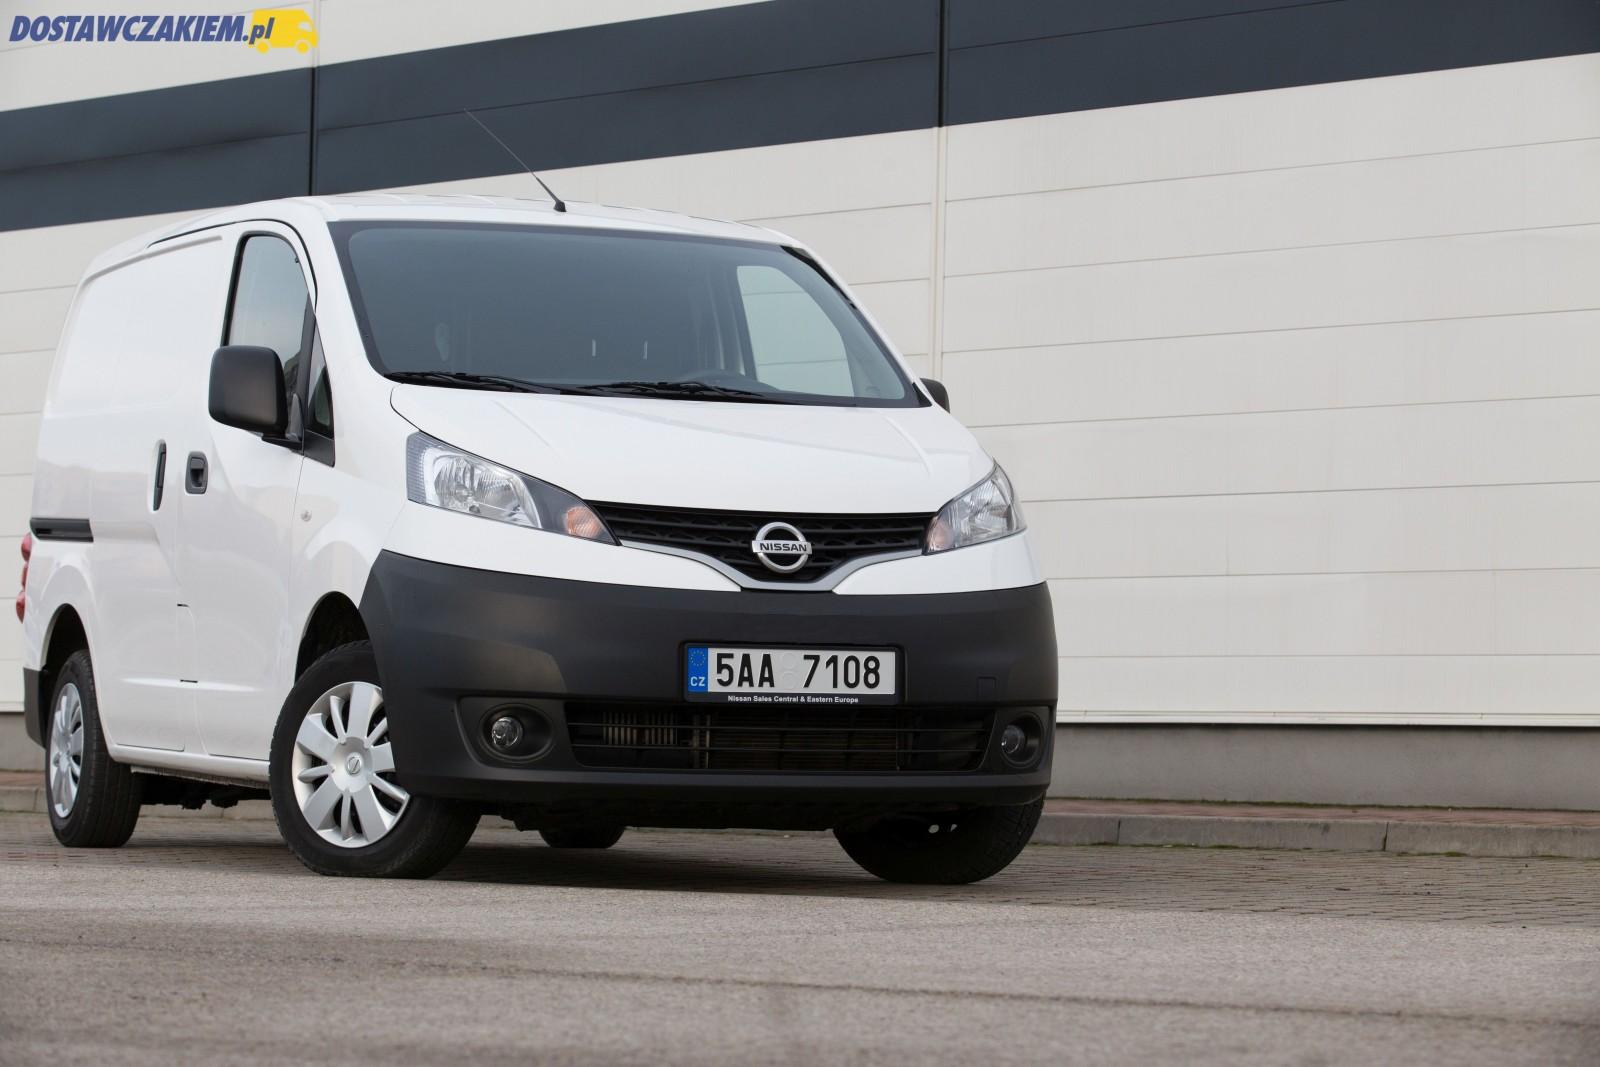 W superbly Test Nissan NV200 1.5 dCi - mały van z dużą paką KY05